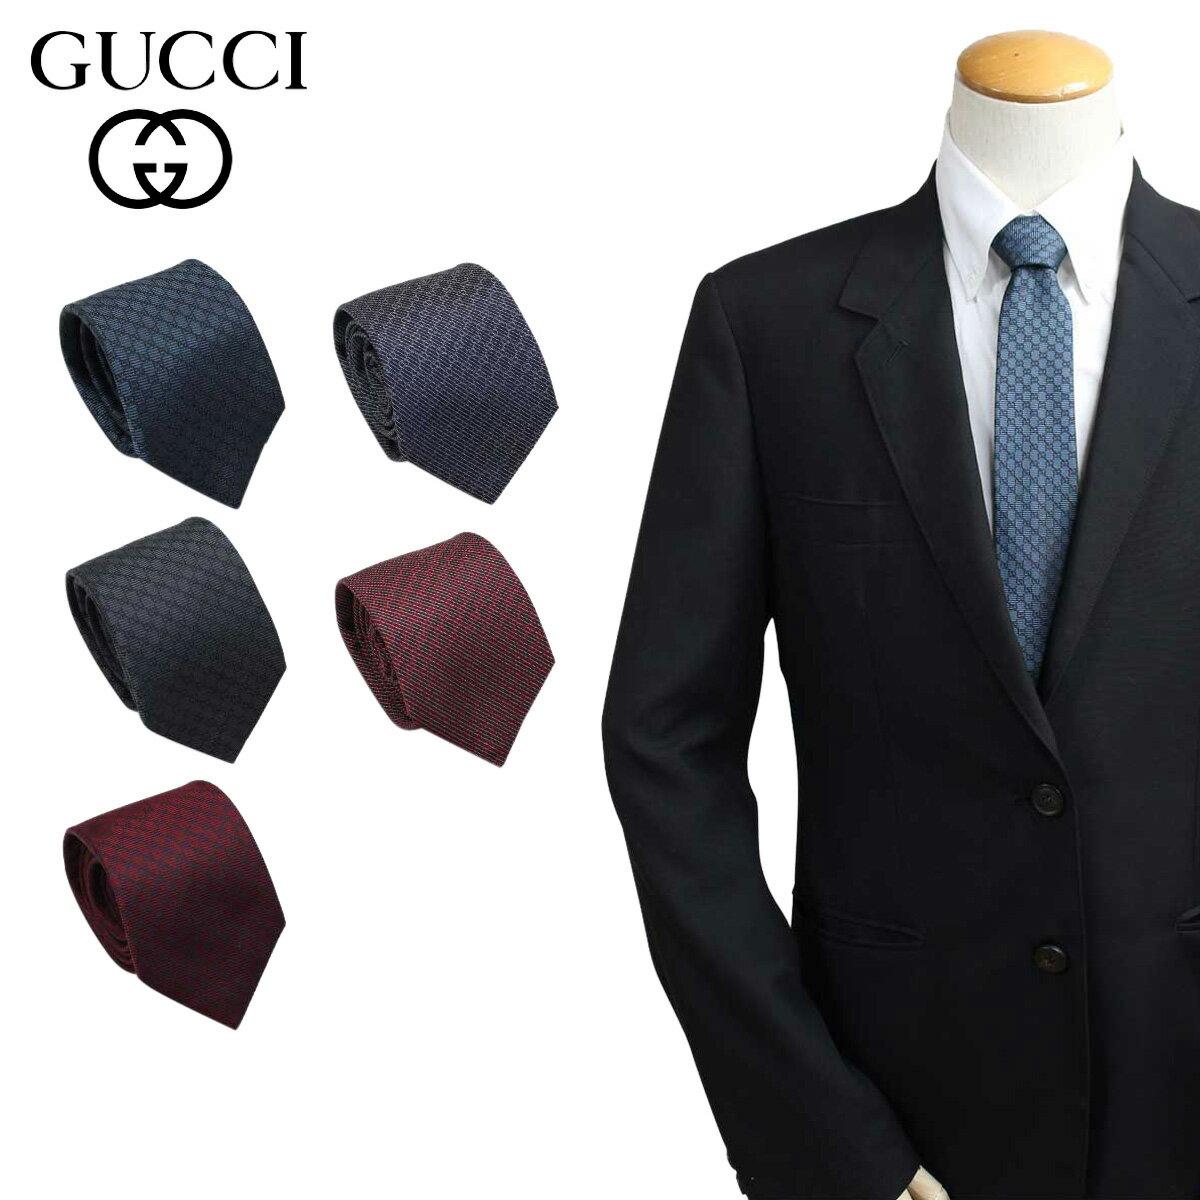 GUCCI グッチ ネクタイ シルク メンズ イタリア製 ビジネス 結婚式 TIE 5カラー [1/16 追加入荷] [181]